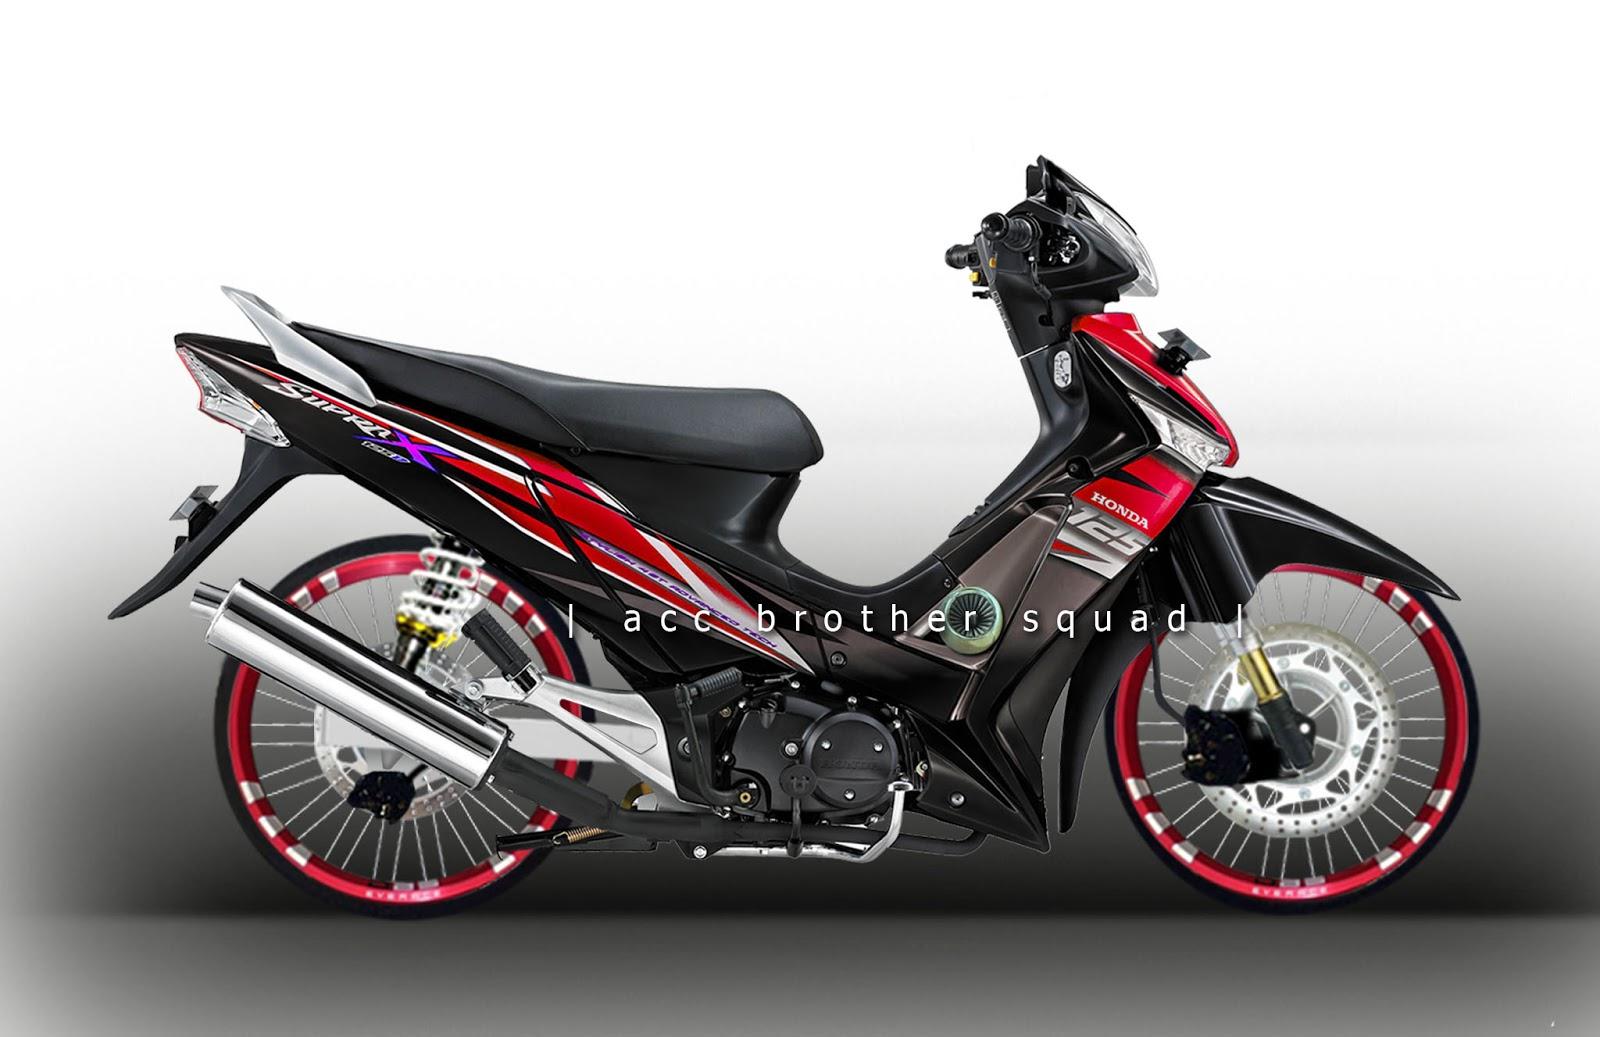 81 Modifikasi Motor Supra Thailand Terbaru Dan Terkeren Kujang Motor